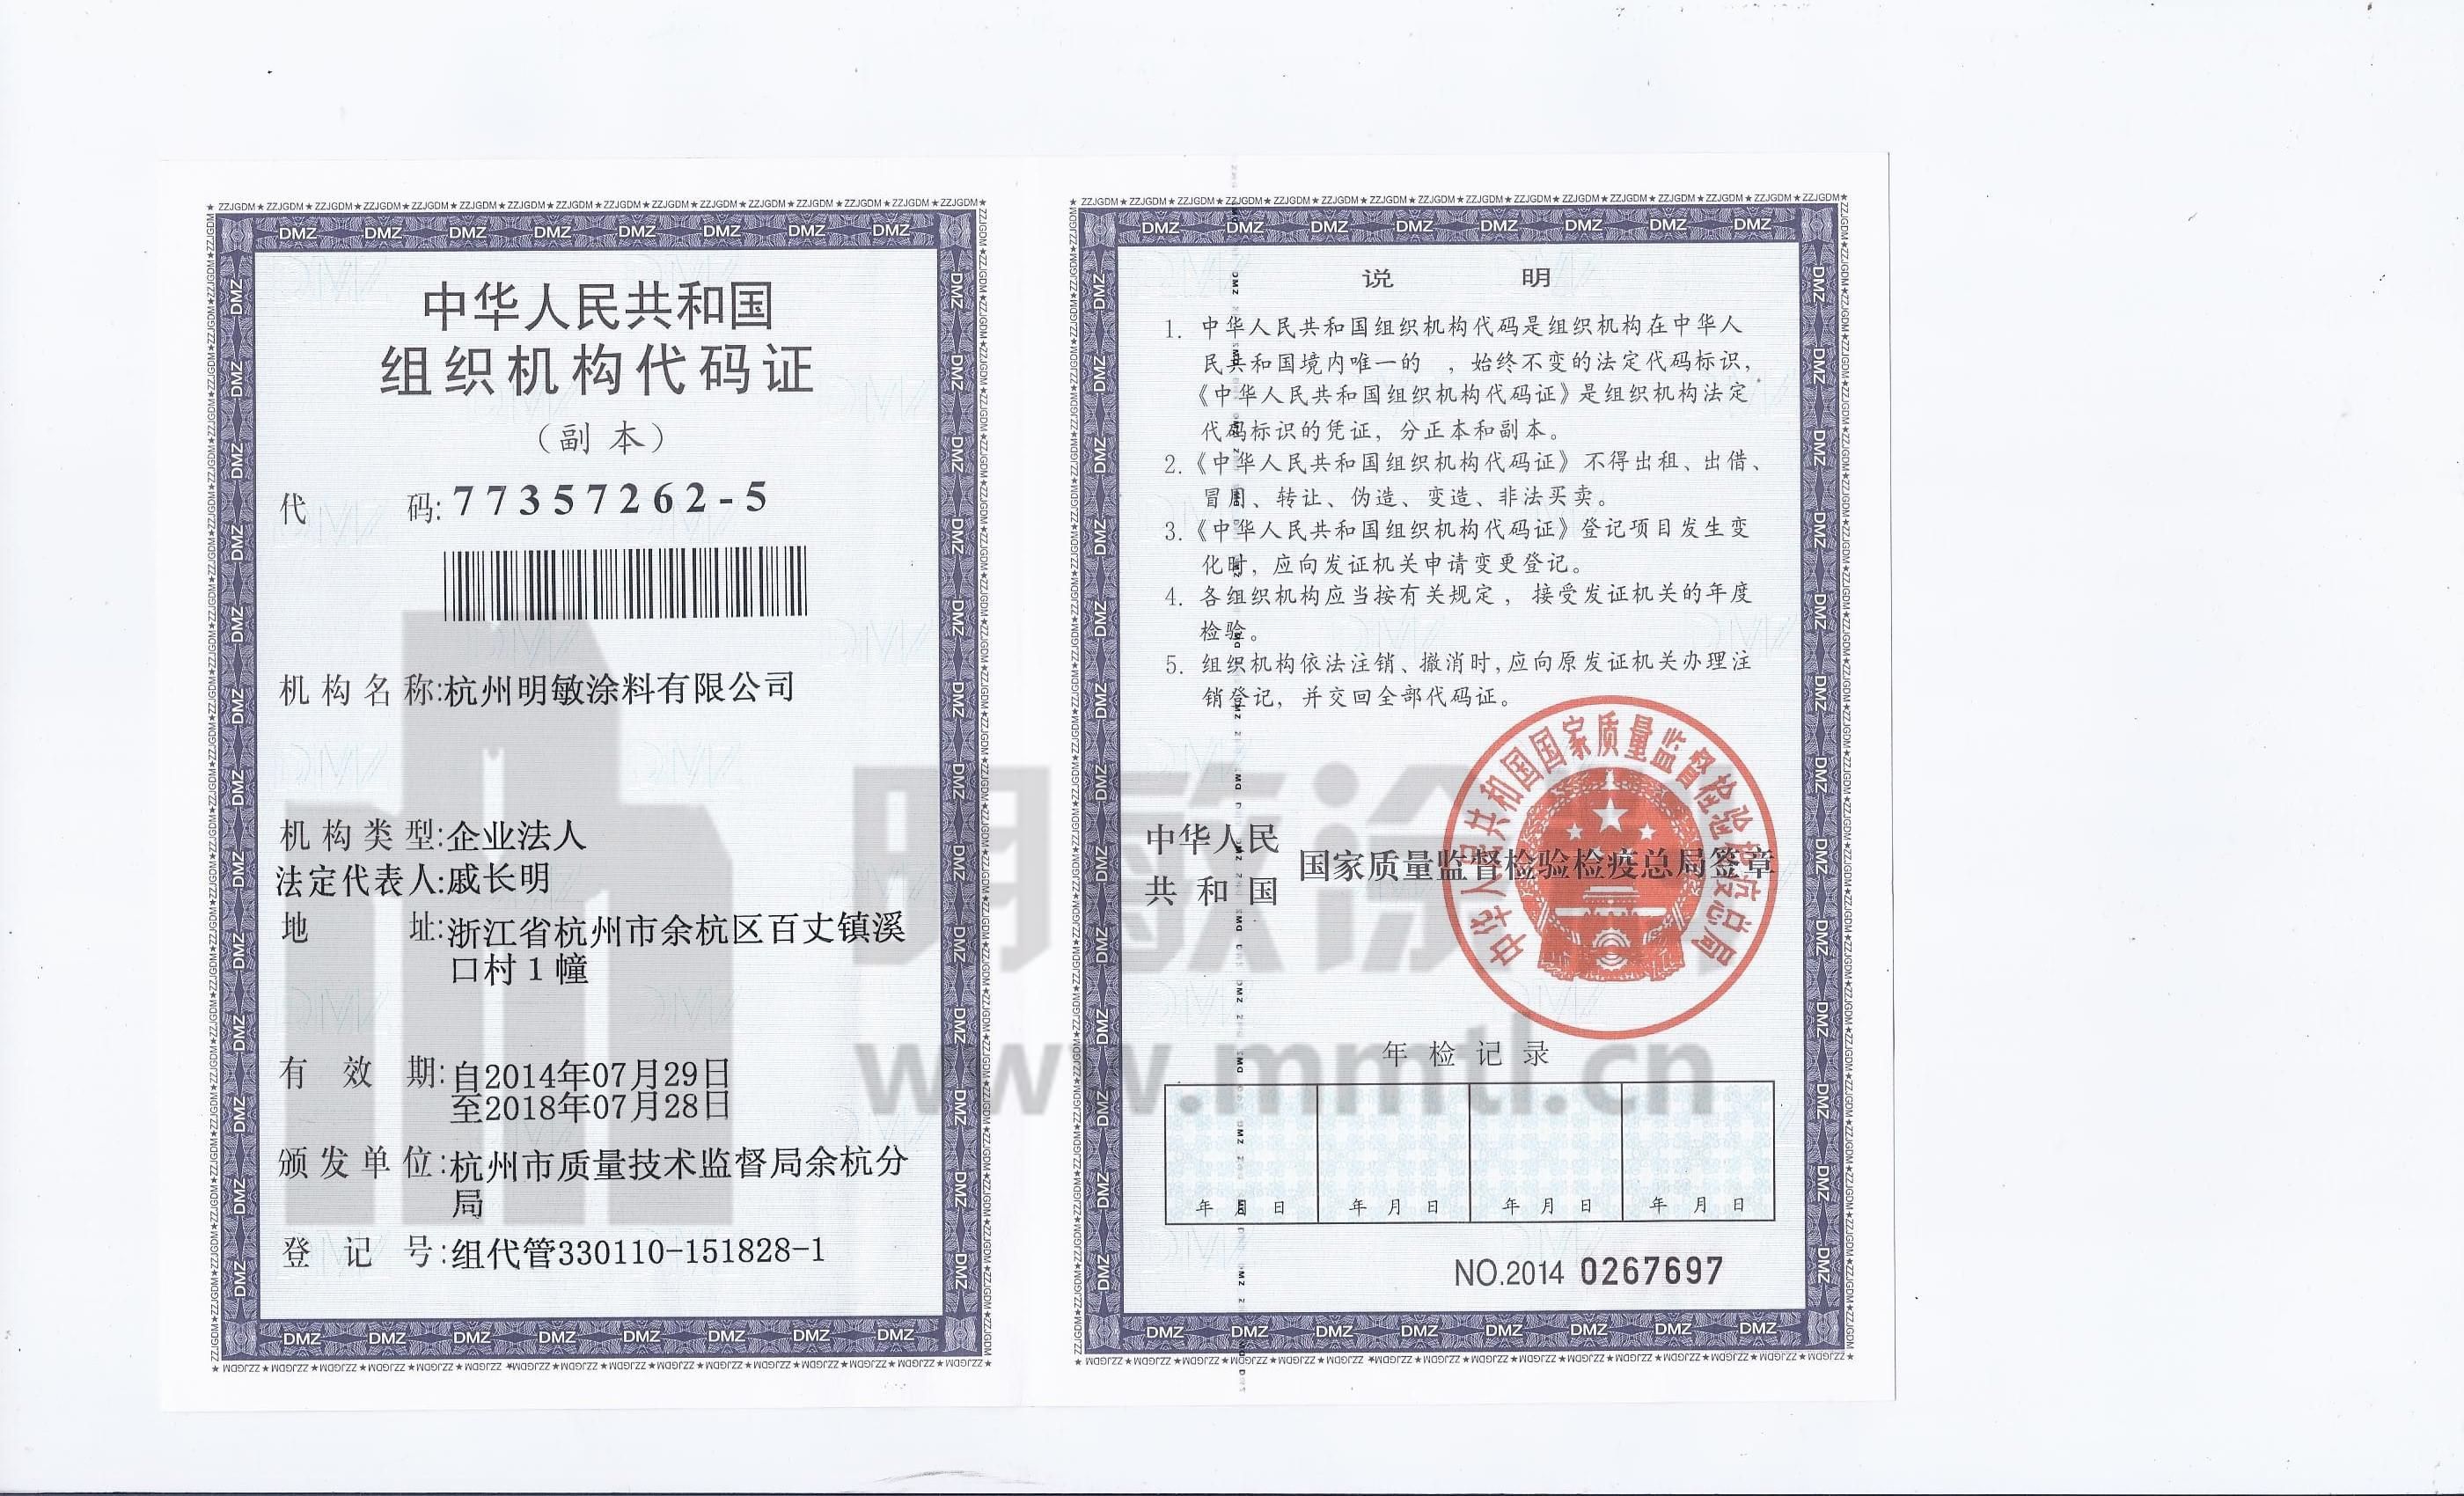 雷竞技注册雷竞技Raybet官网-组织机构代码证